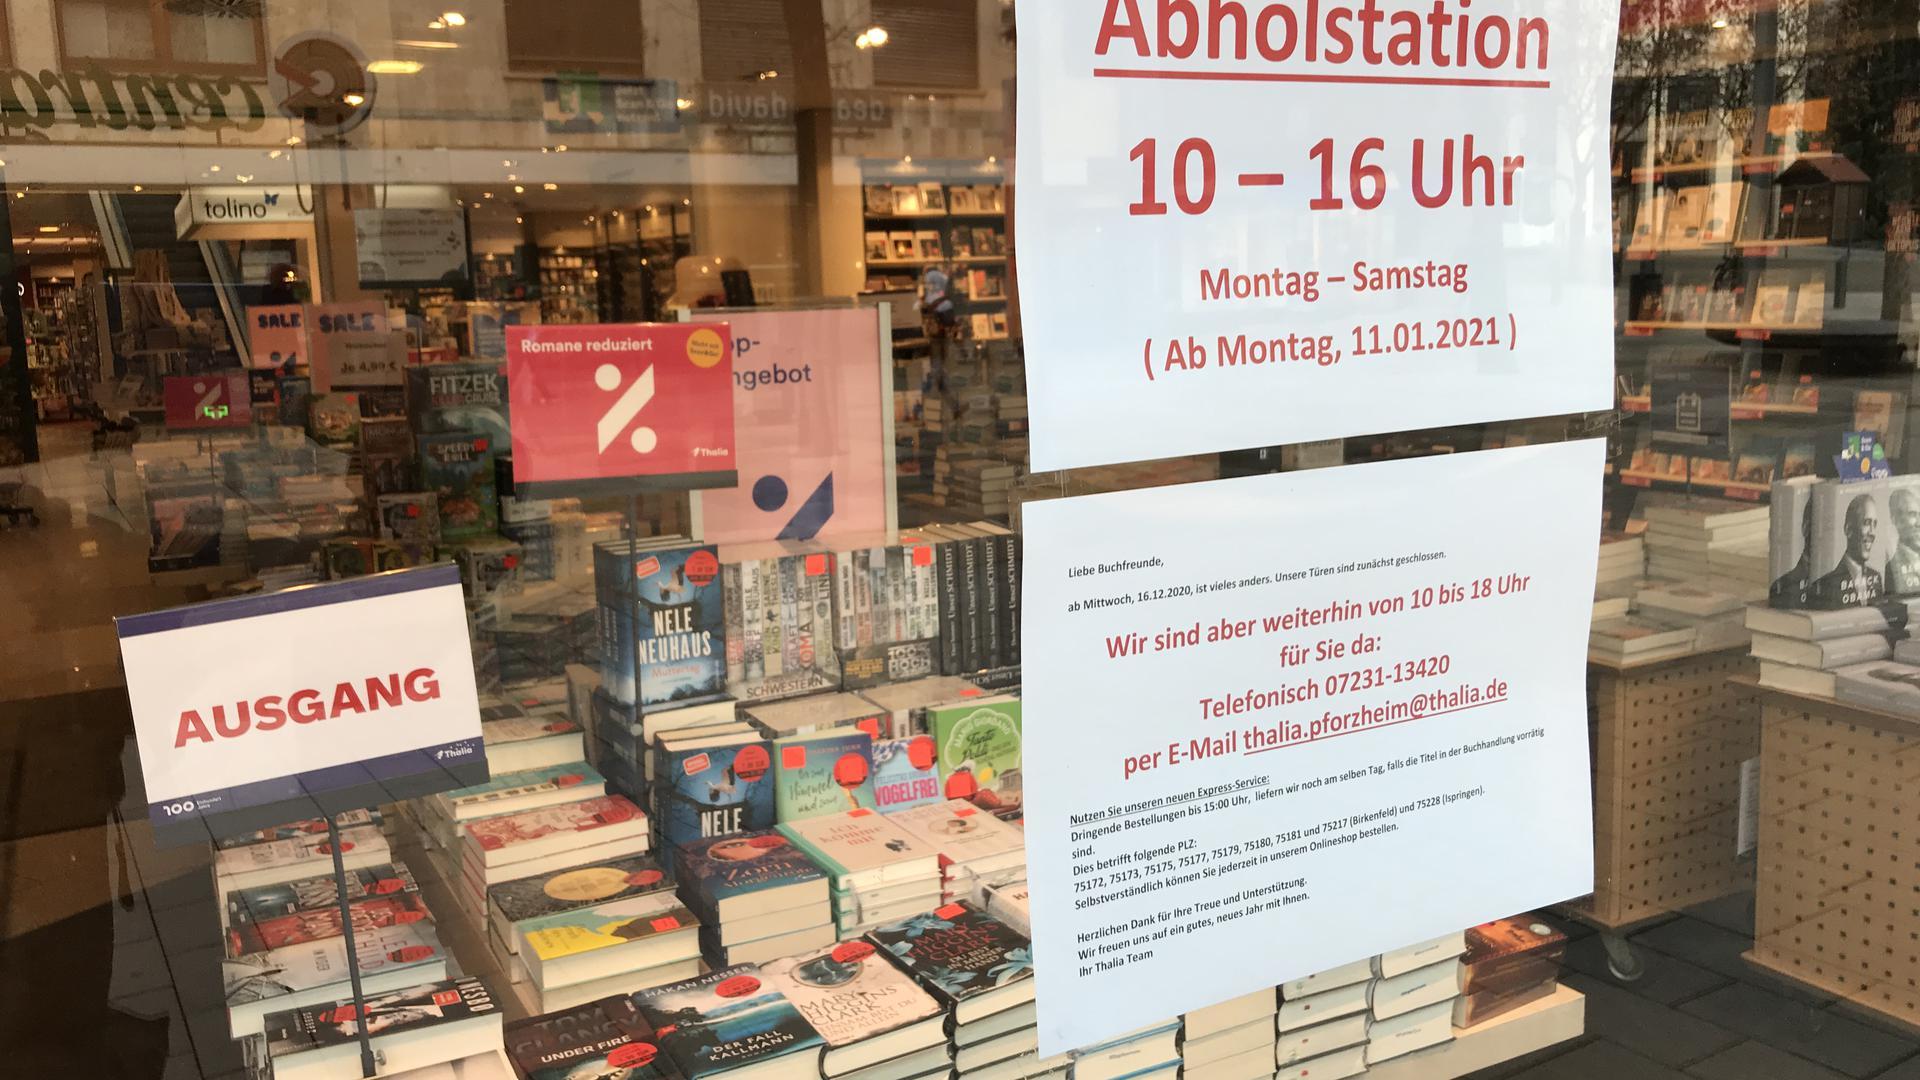 Abholen vor Ort: Die Thalia-Filiale in der Pforzheimer Fußgängerzone wird ab Montag zur Abholstation, wo Kunden vorbestellte Bücher abholen können.